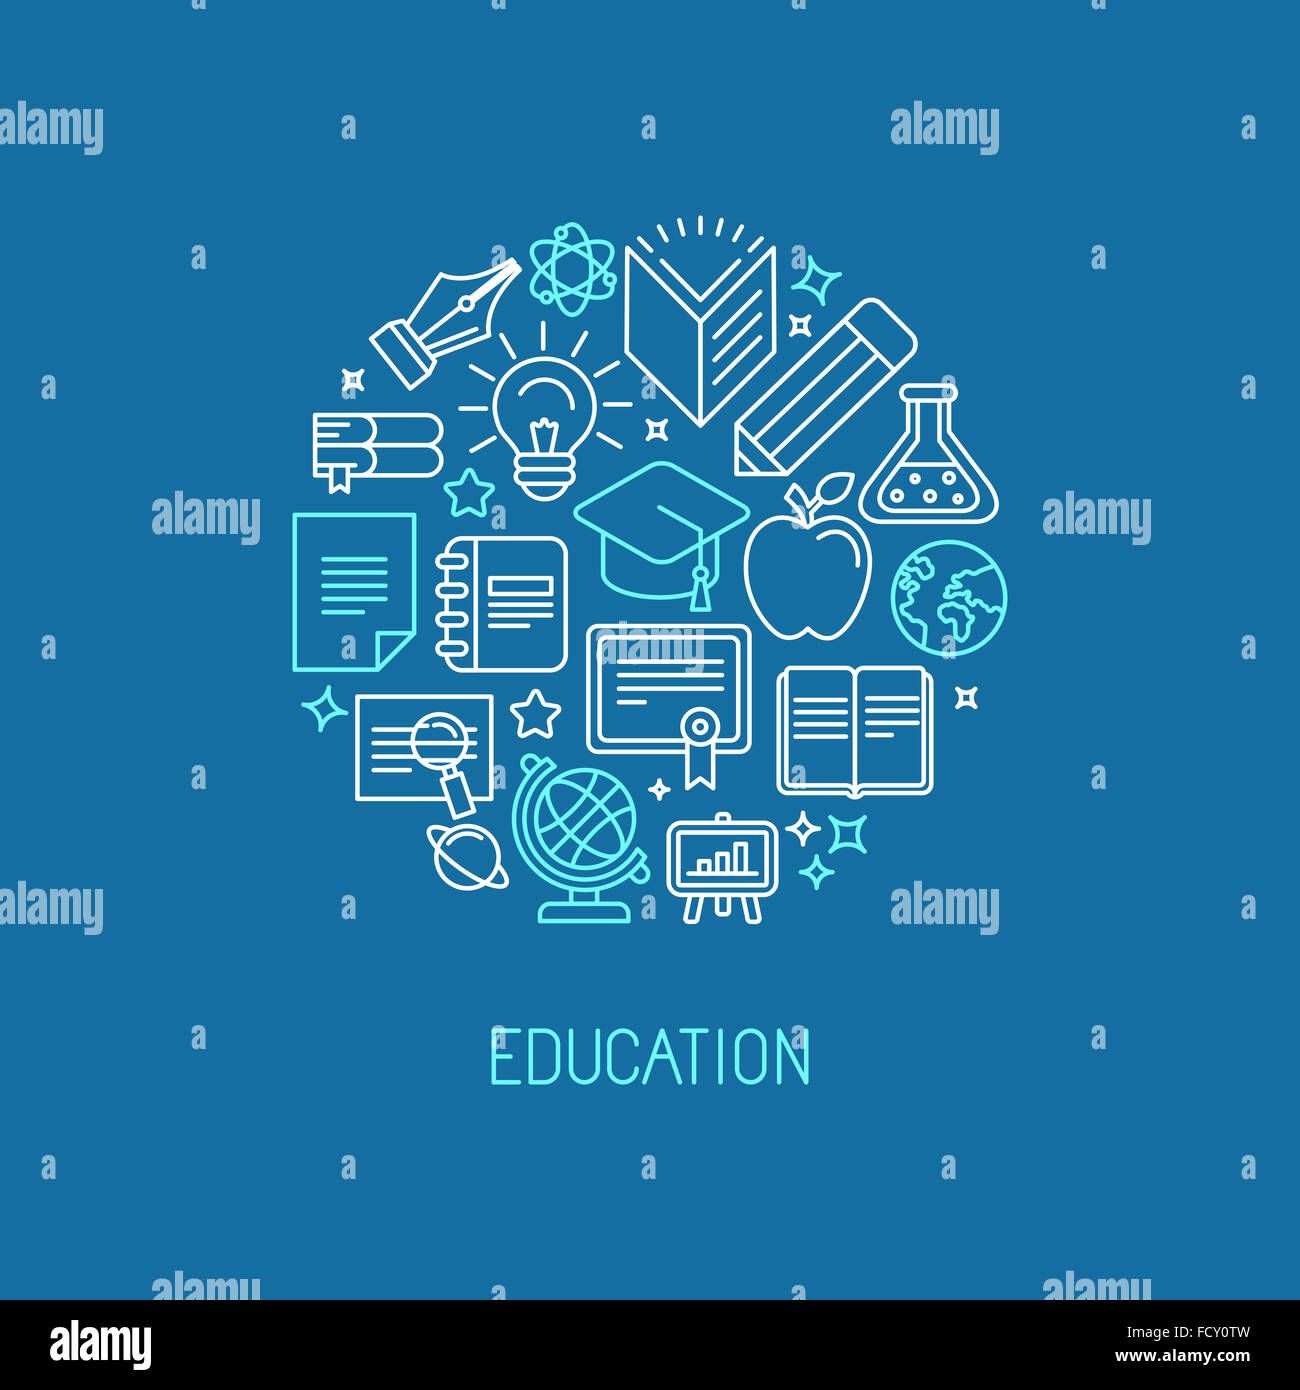 Plantilla de diseño de logotipo lineal - concepto de universidad y de educación en línea en el moderno Imagen De Stock